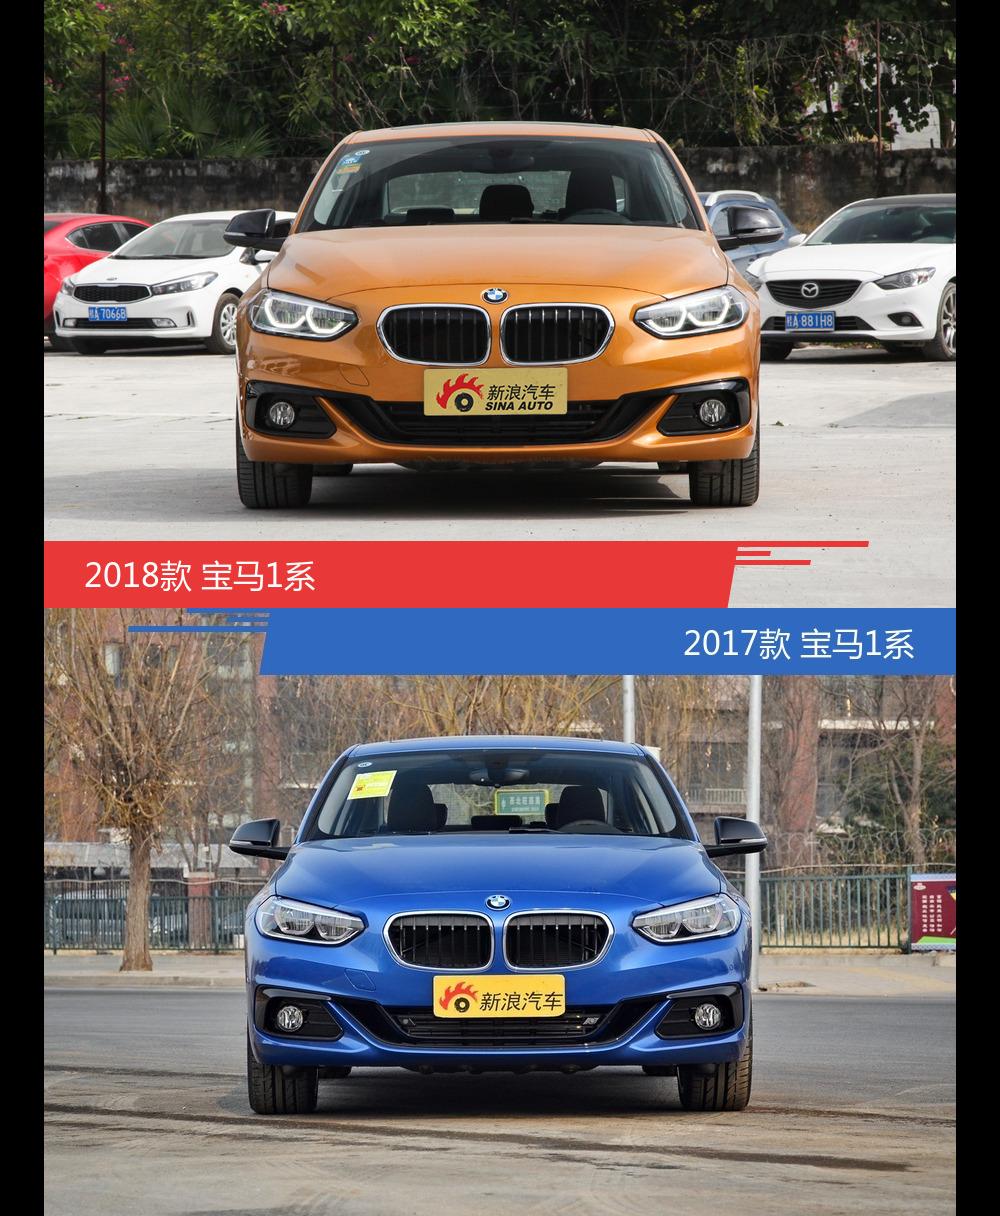 宝马1系新老车型外观/内饰有何差异